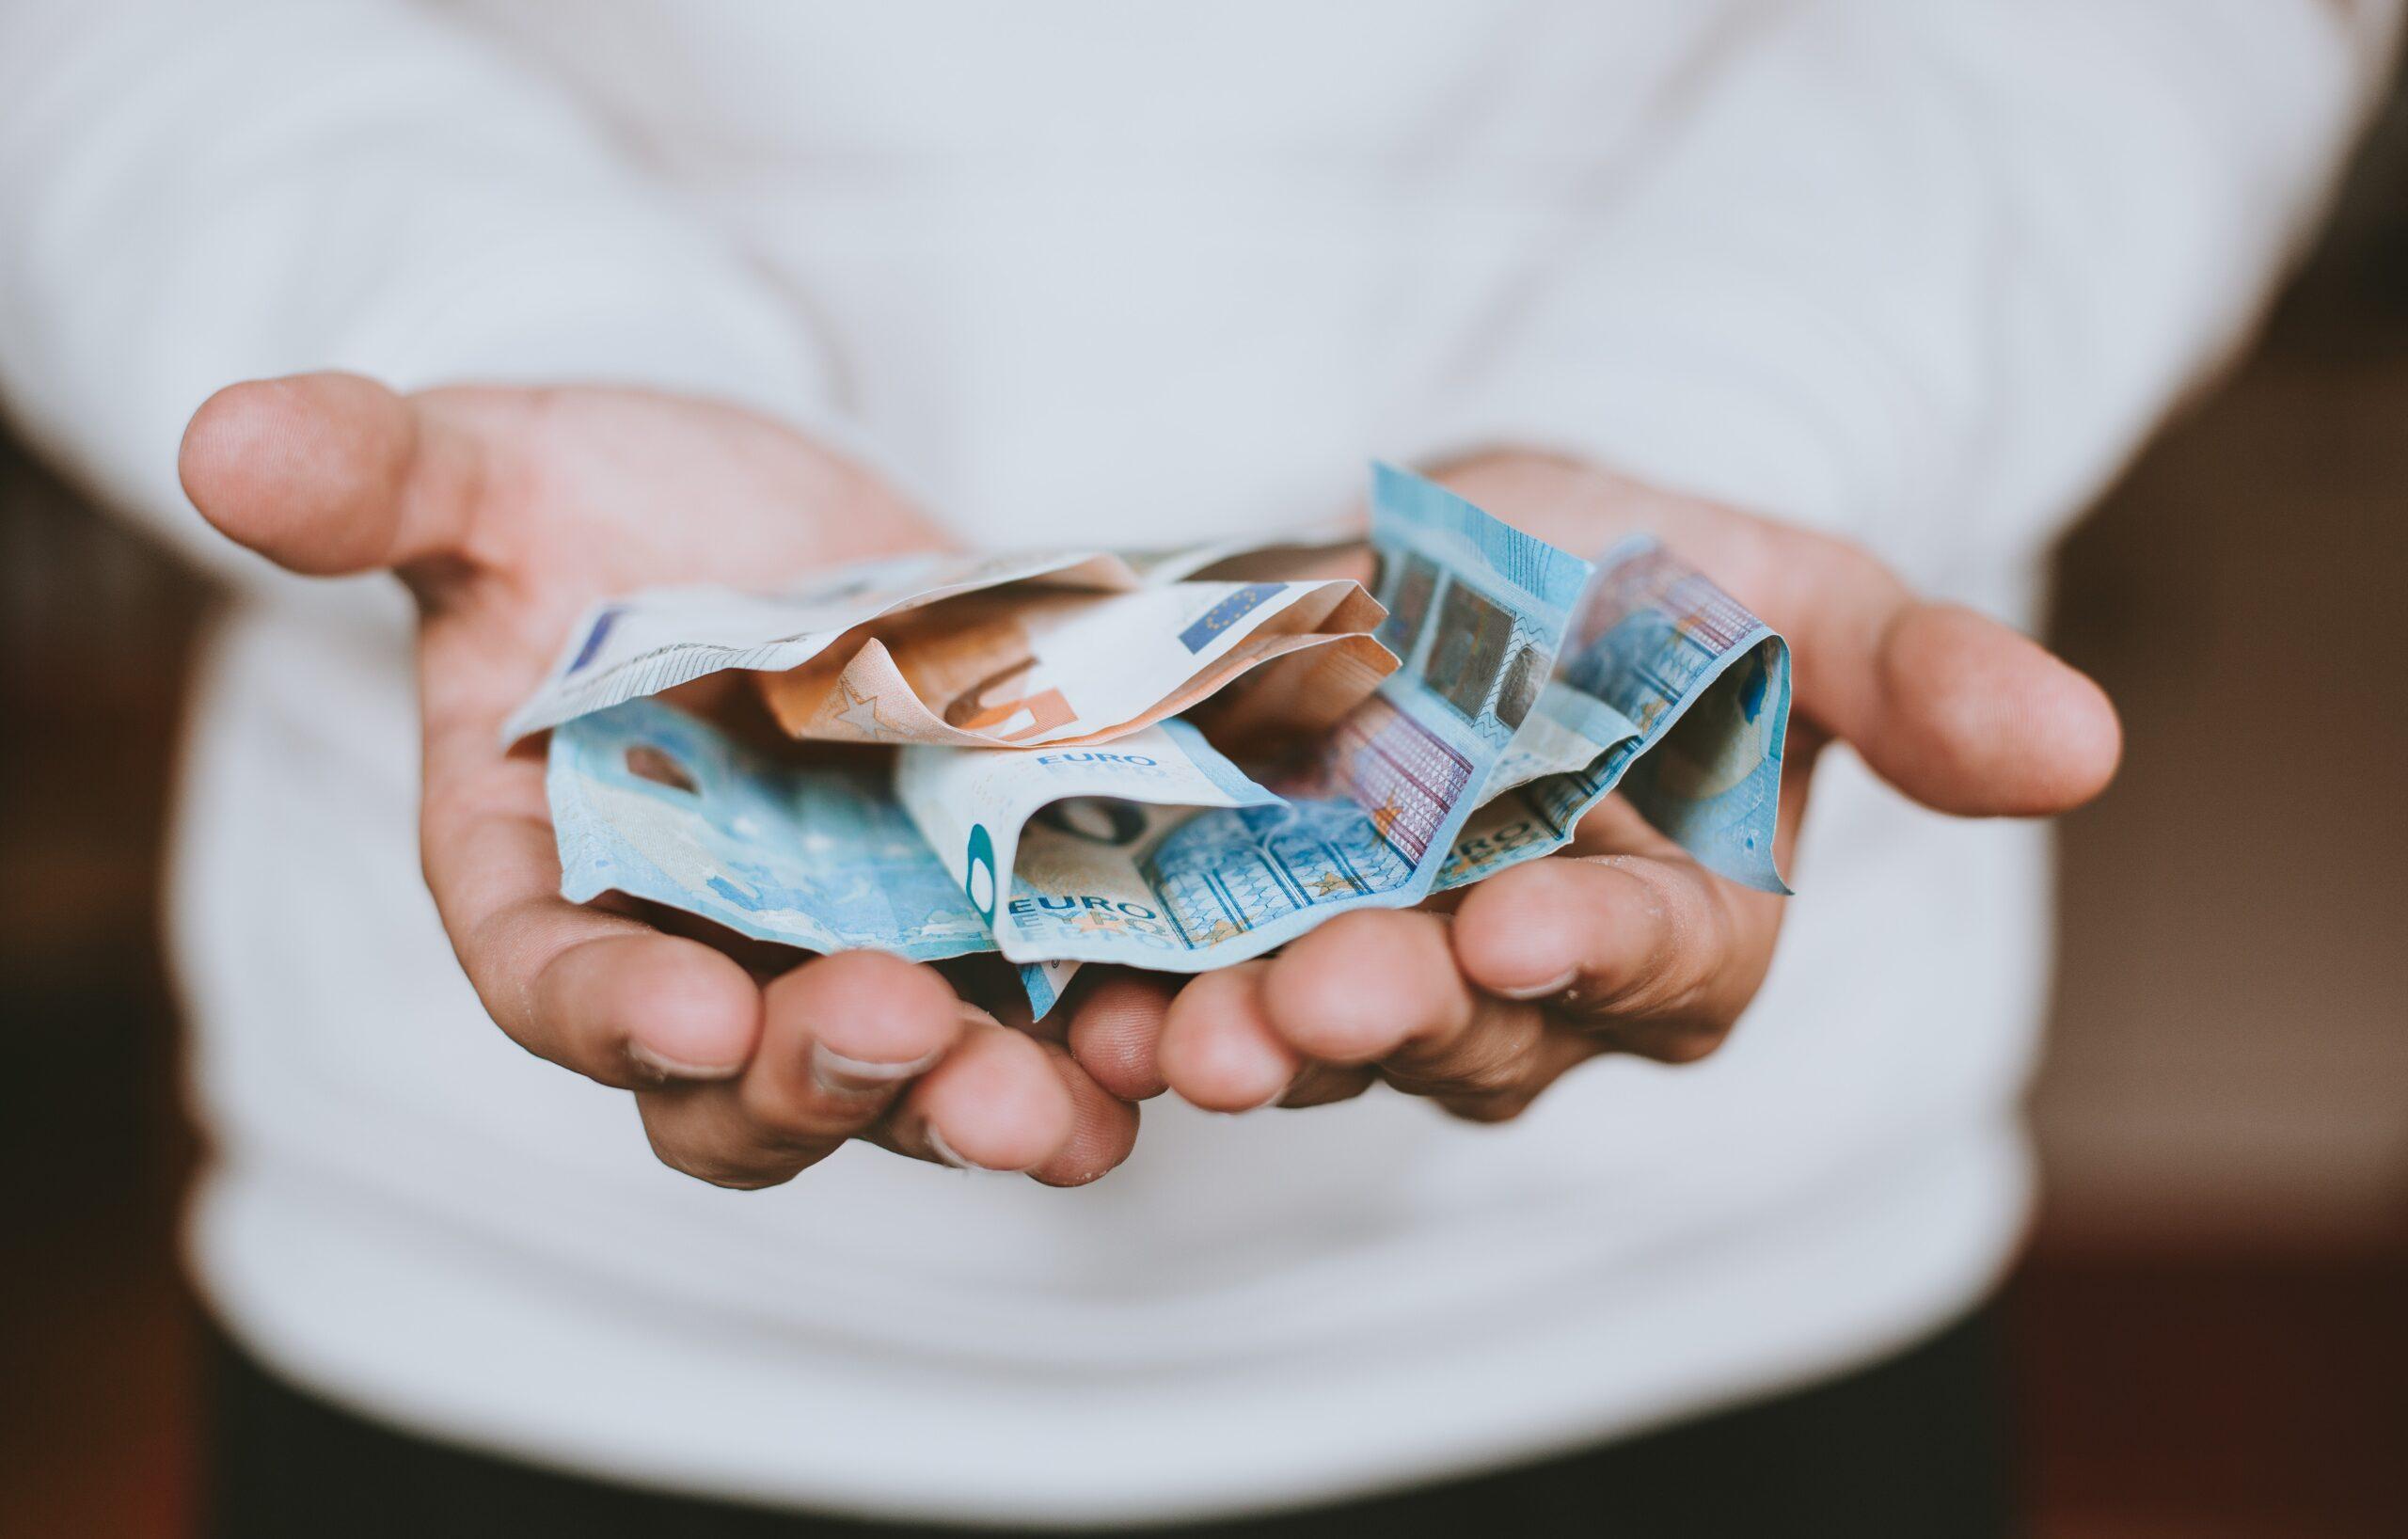 Bo Sloveniji tokrat uspelo počrpati zagotovljena sredstva?